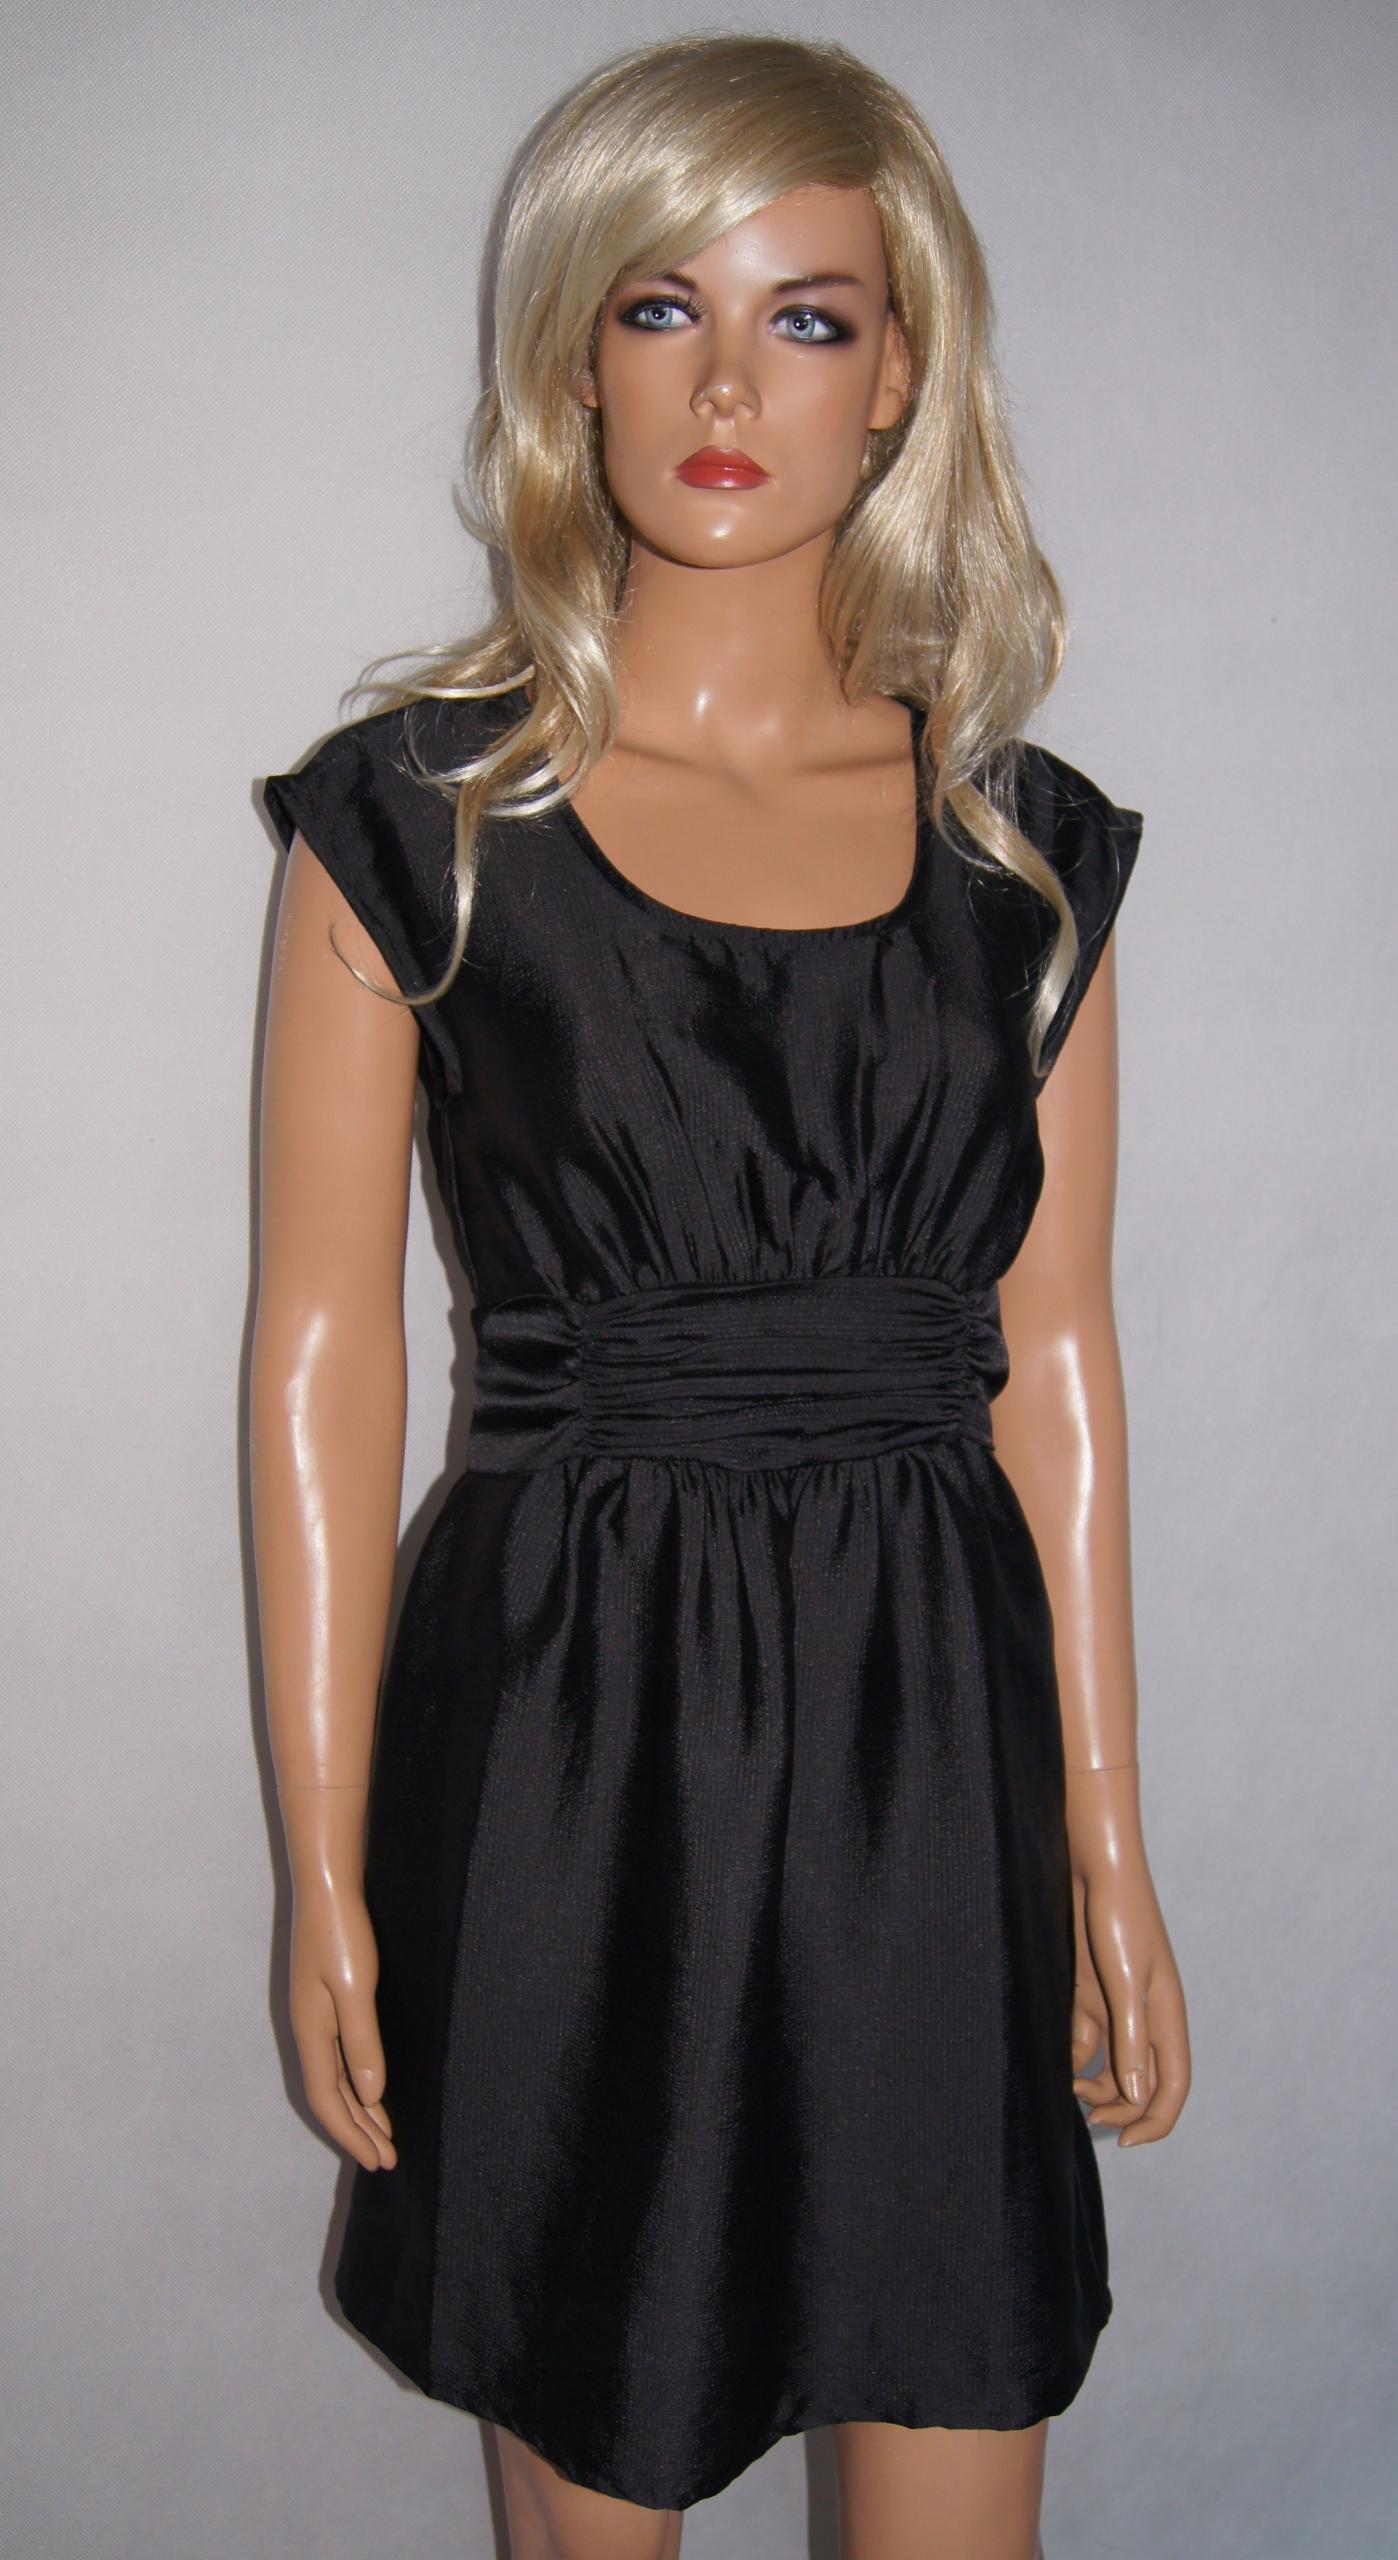 Czarna sukienka damska H&M r 36 S